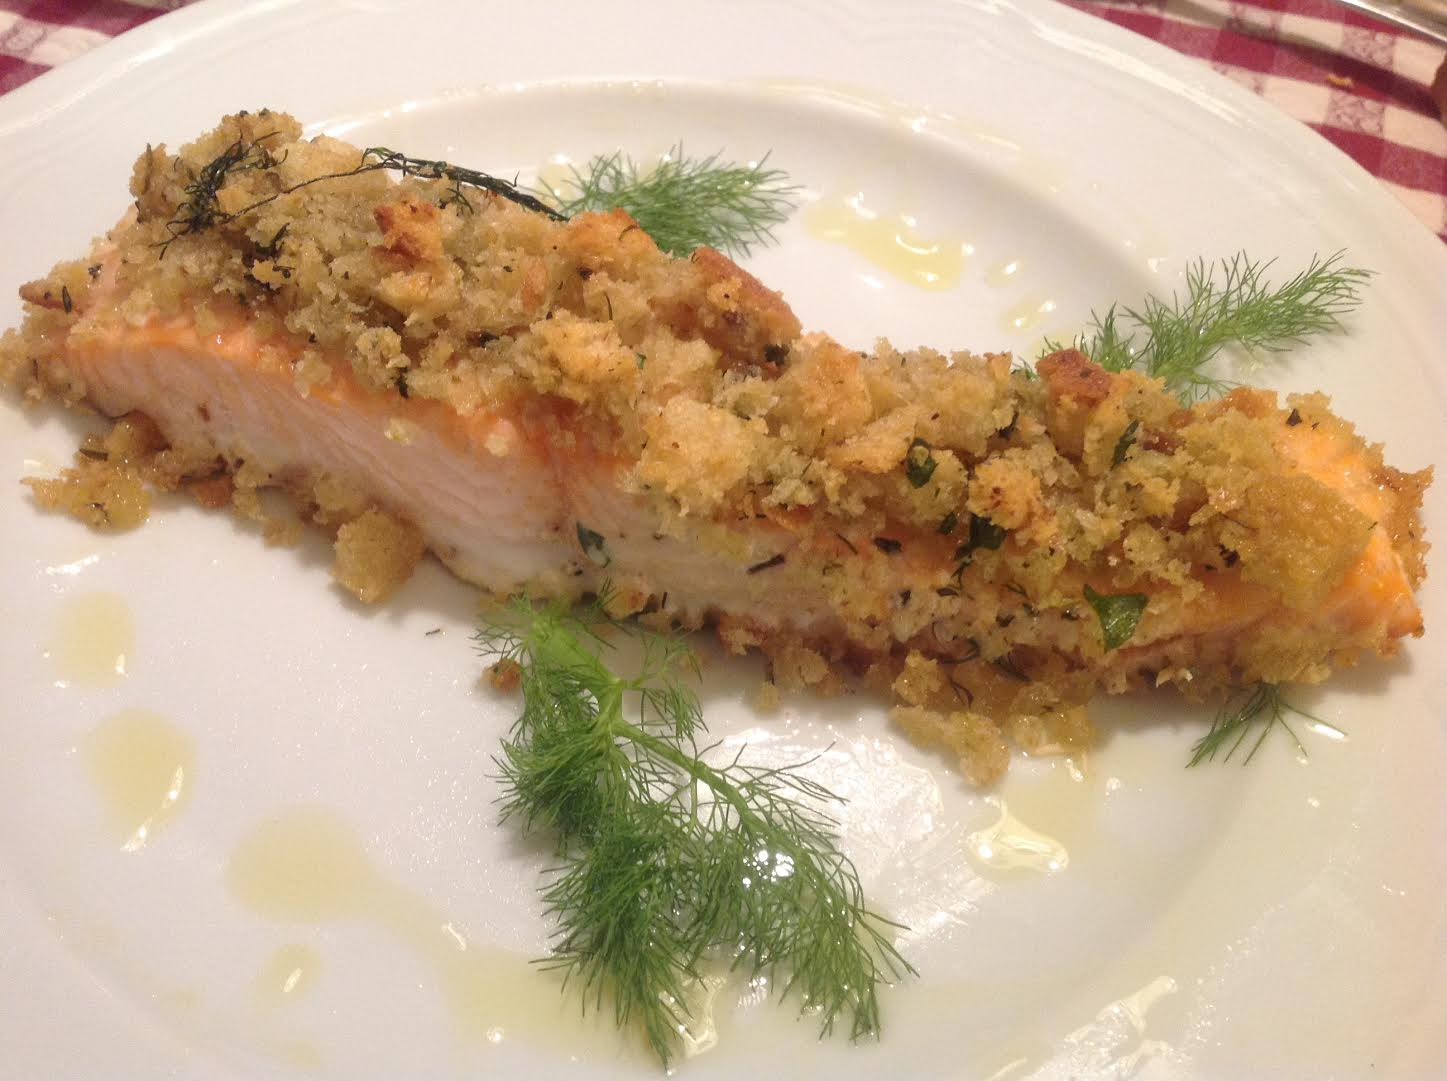 salmone croccante – crispy salmon